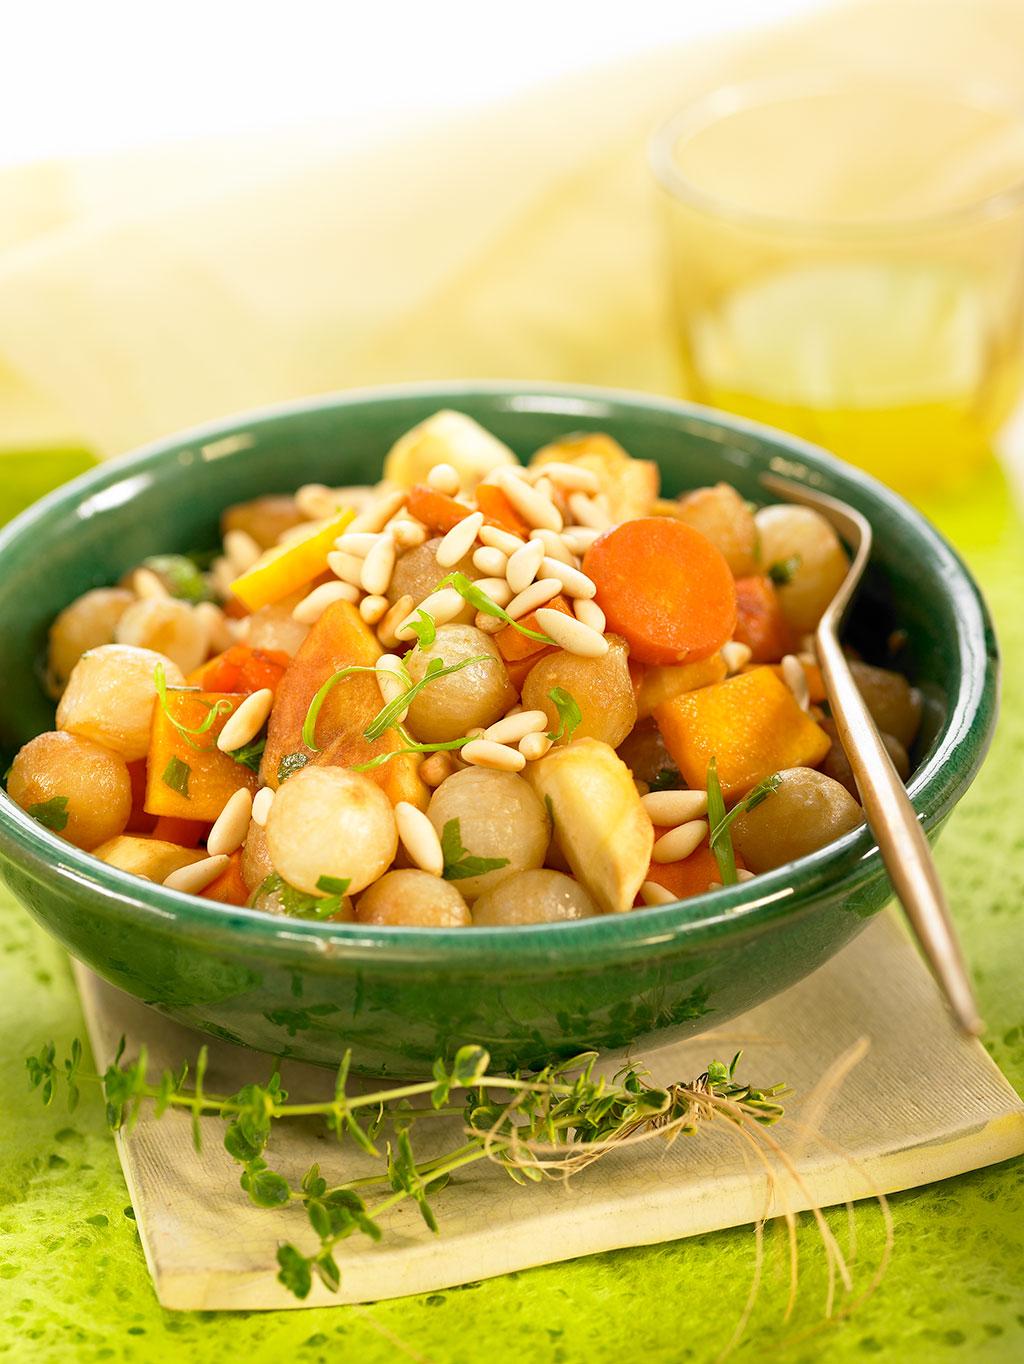 cocina-energetica-salteado-lago-de-verduras